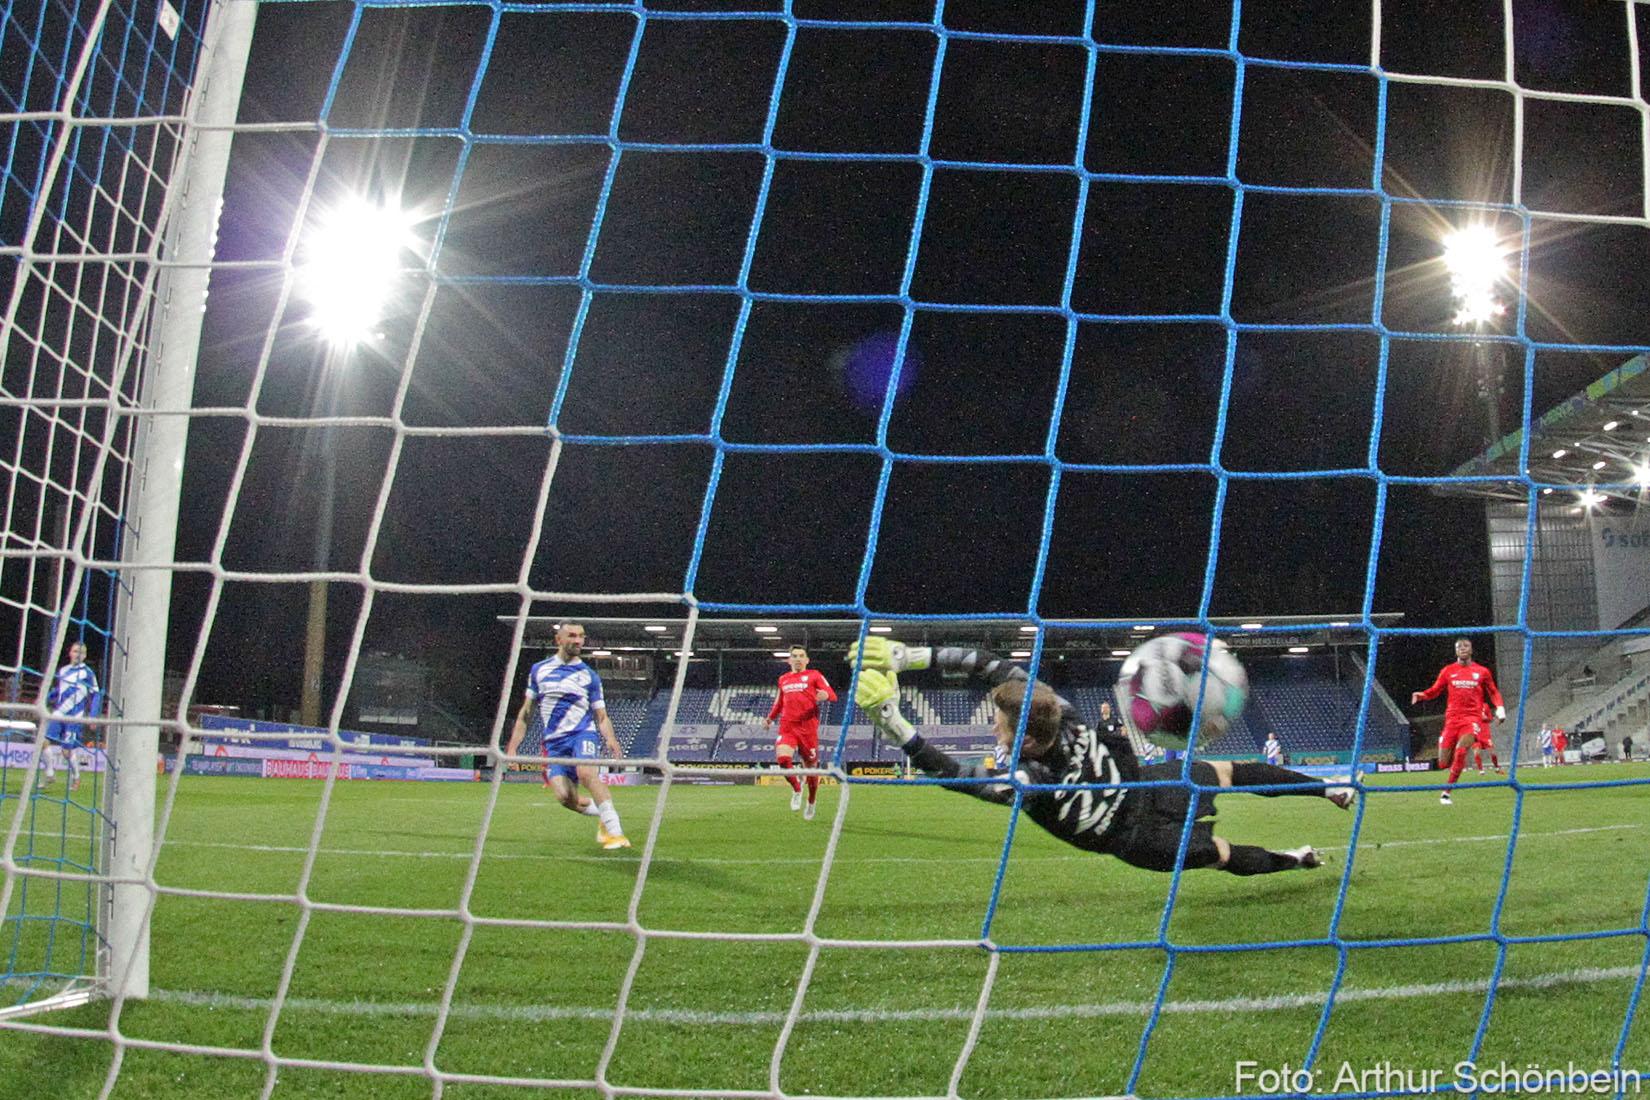 Unsere Bilder vom Spiel gegen den VfL Bochum